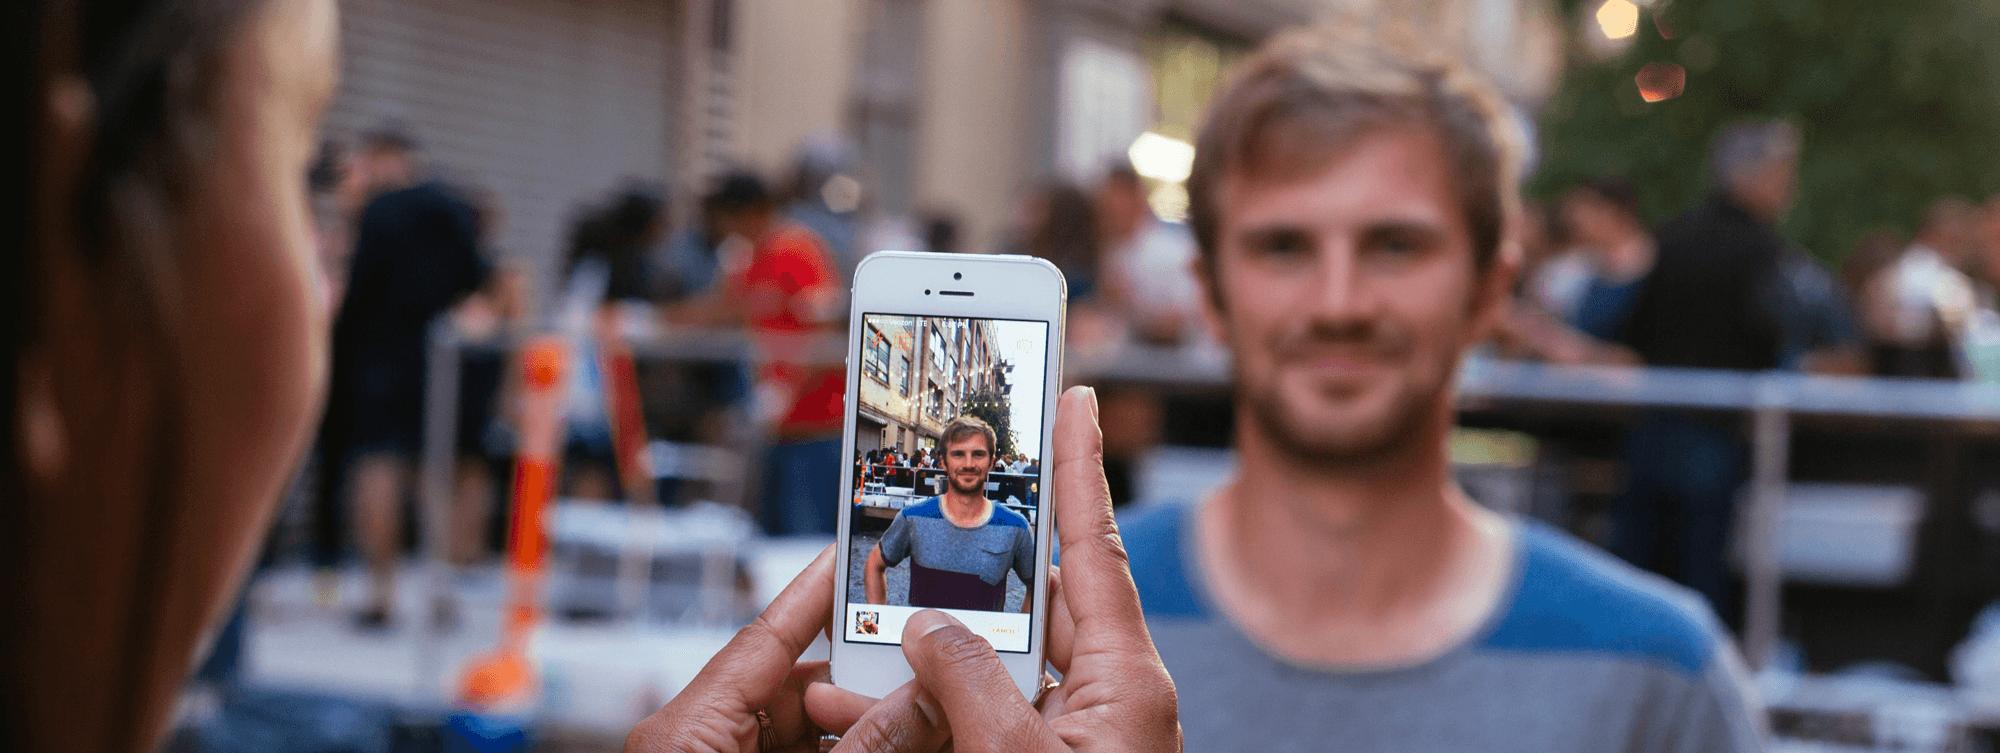 online-video-marketing-stats-2015-hero La importancia del videomarketing para las empresas